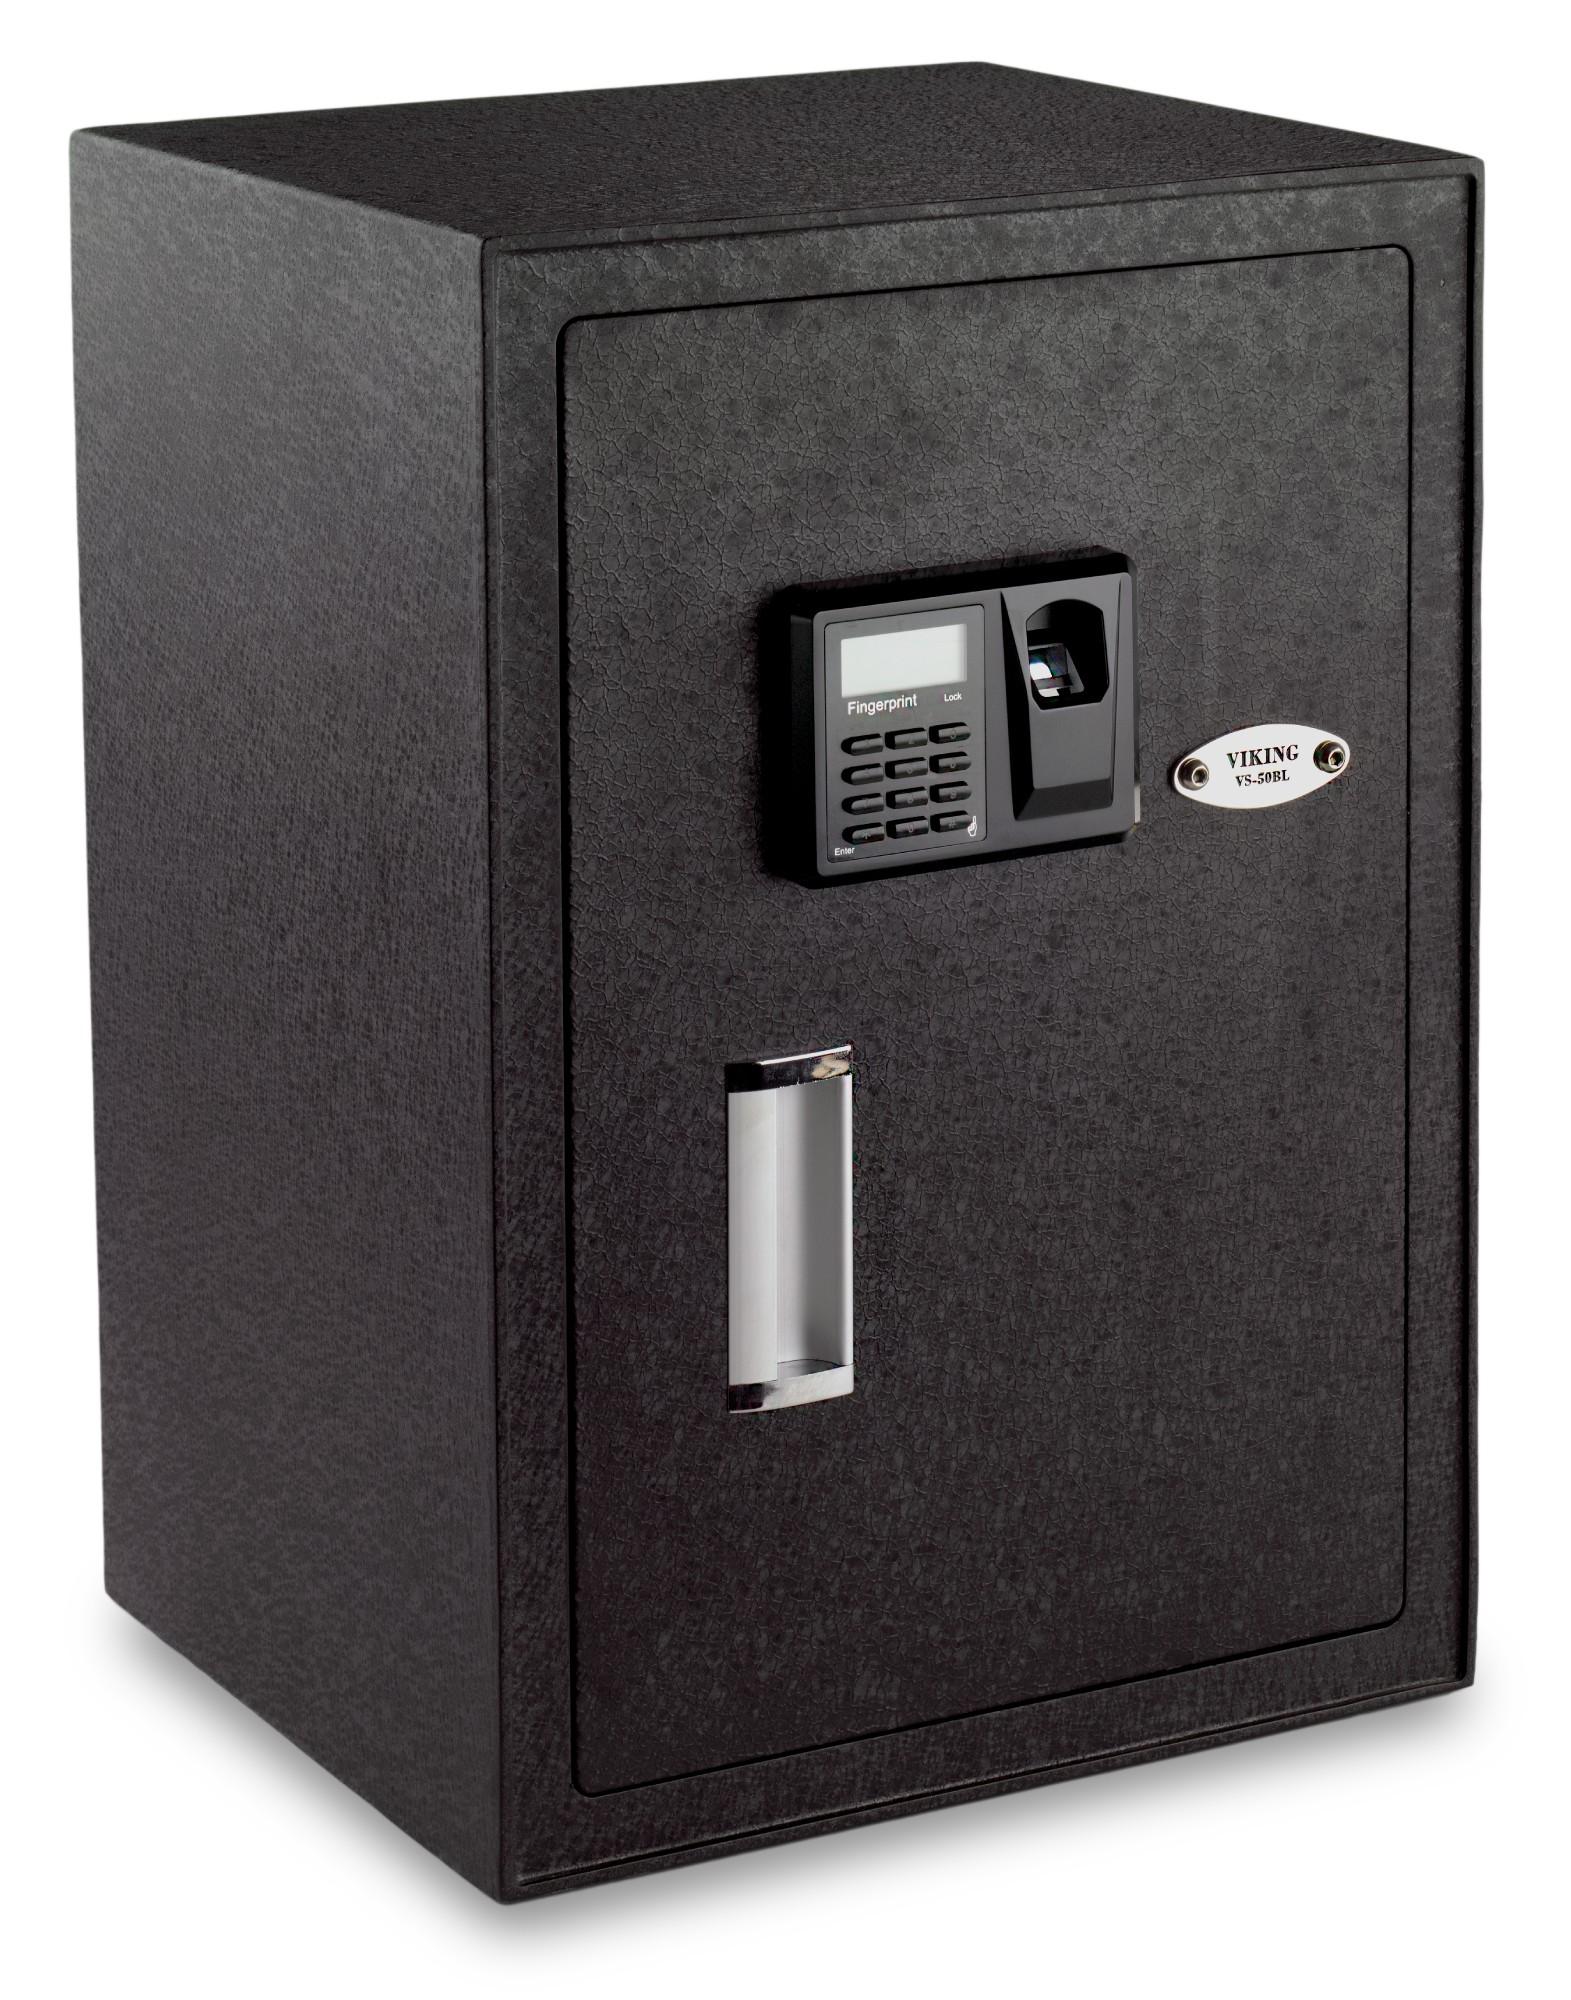 Viking Security Safe VS-50BLX Large Biometric Fingerprint LCD Keypad Safe